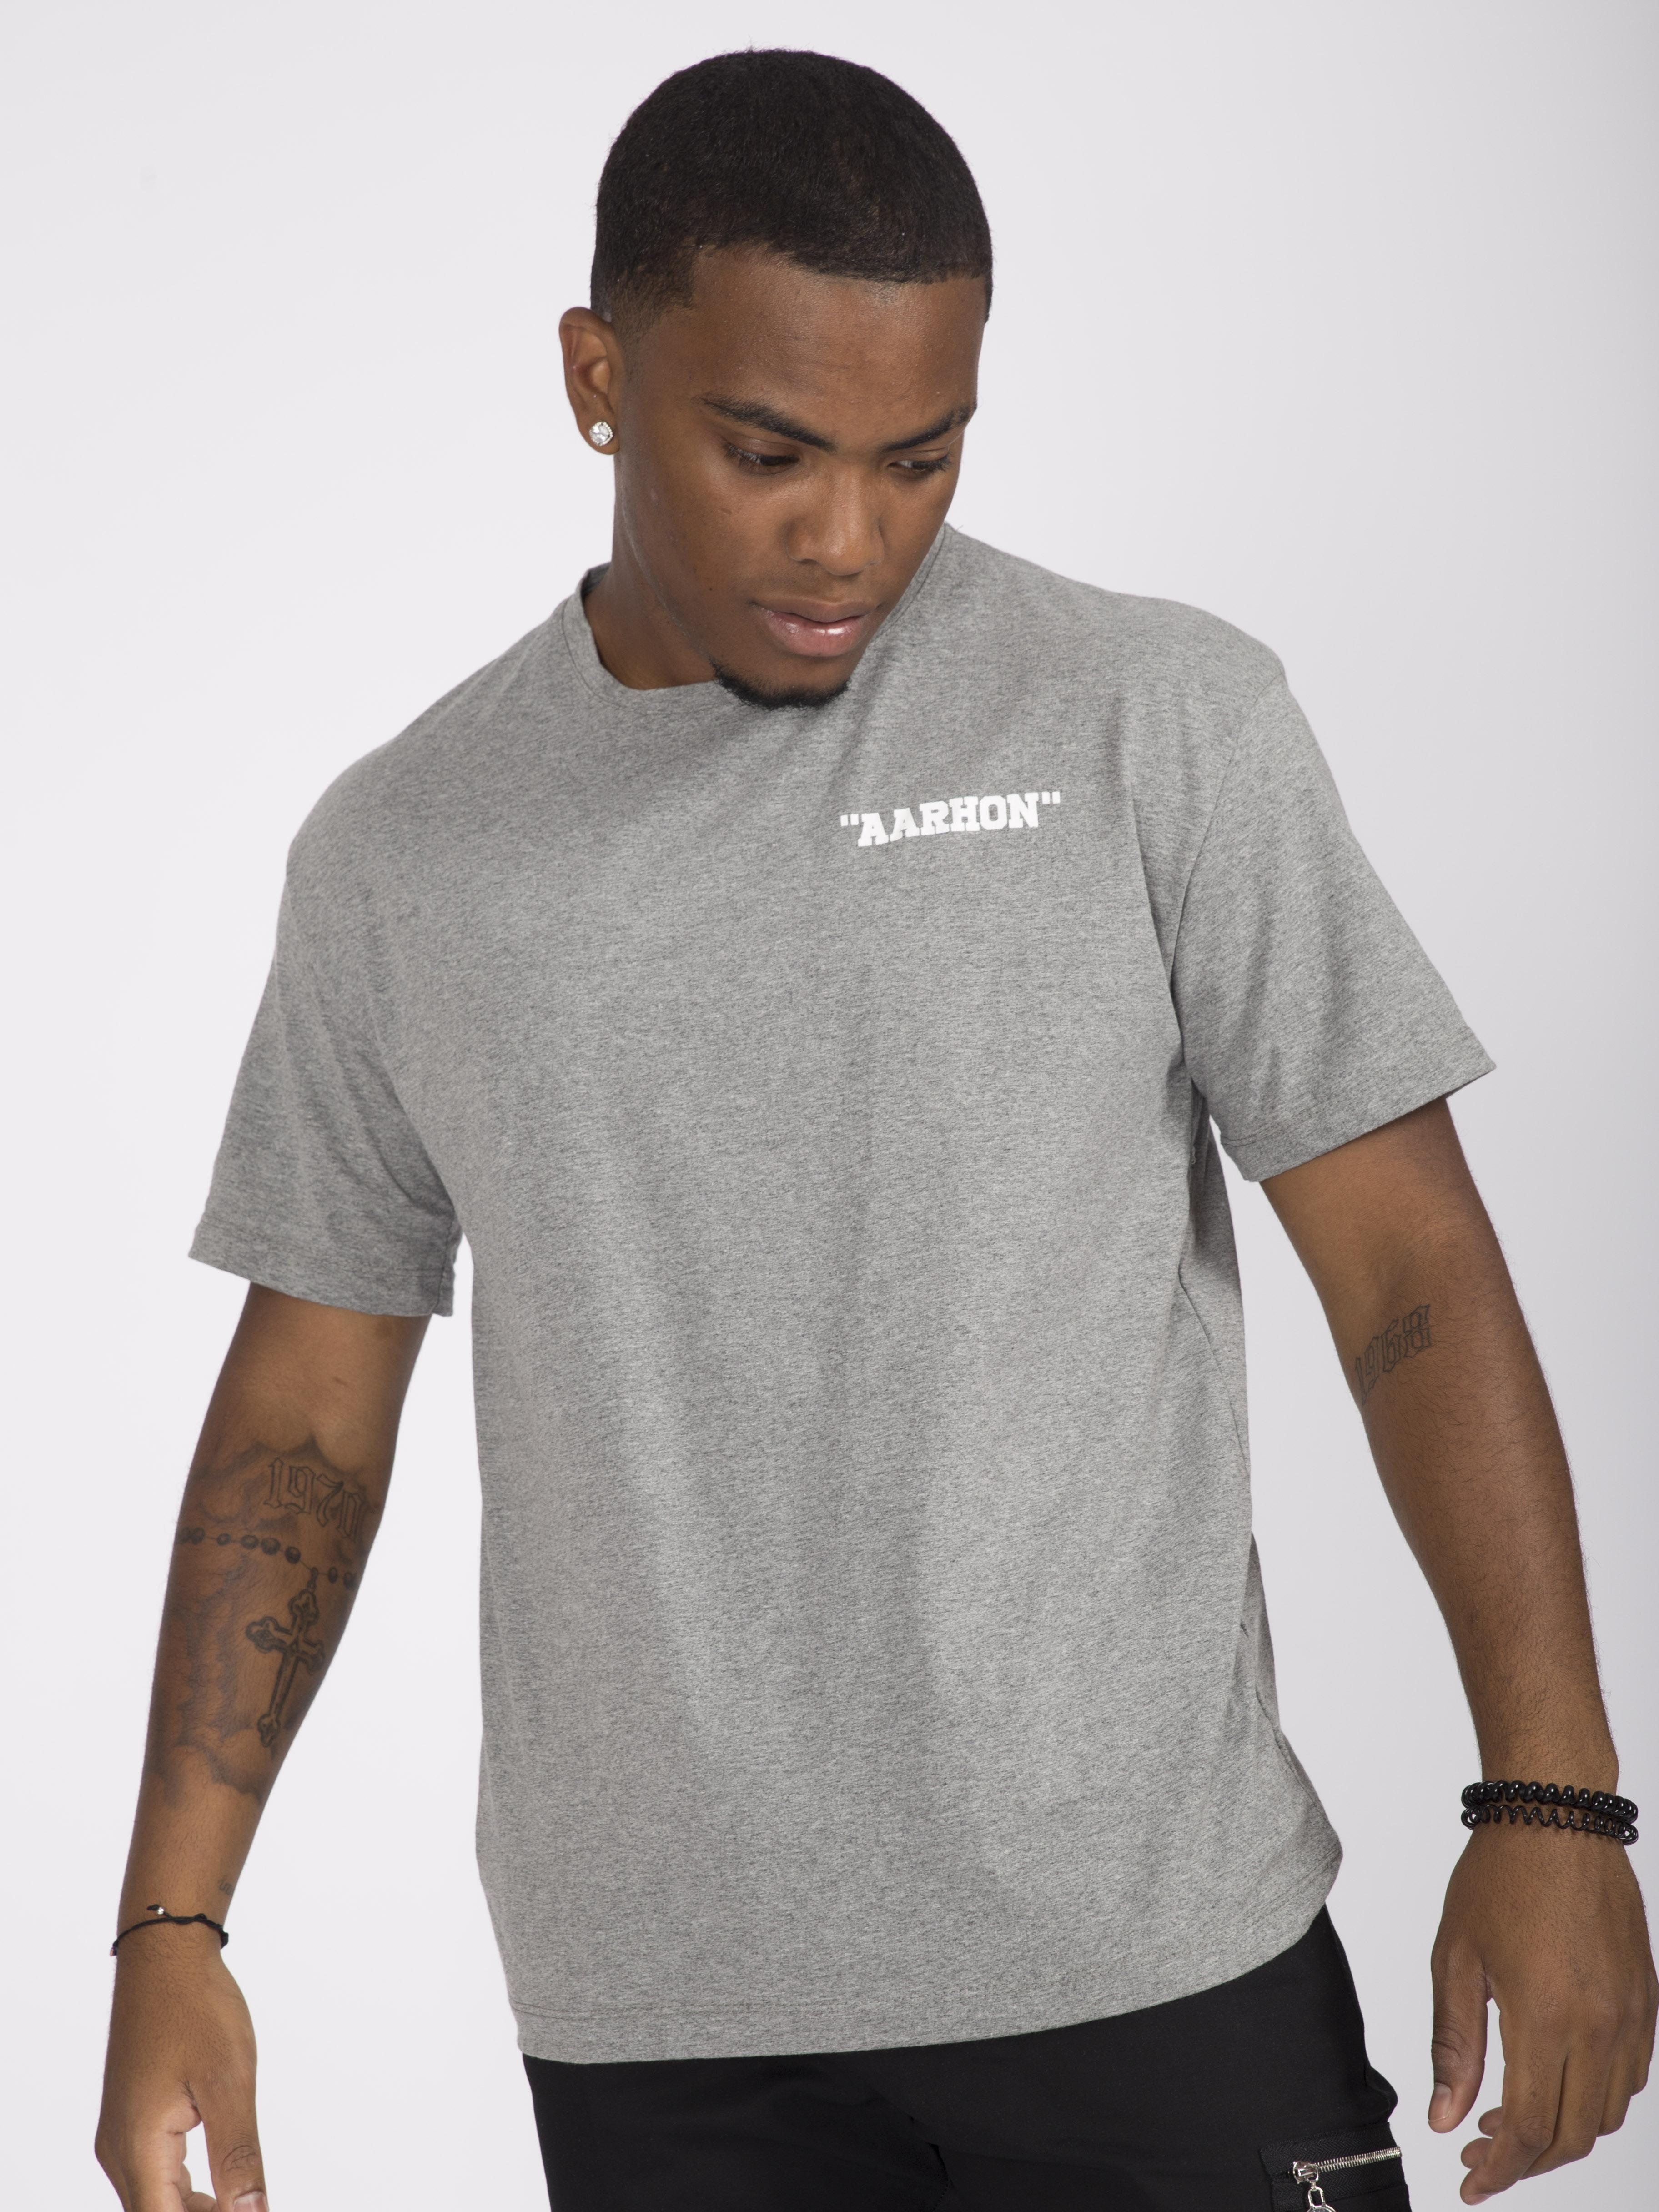 T-shirts Homme Gris AARHON 4-8006 #c eFashion Paris